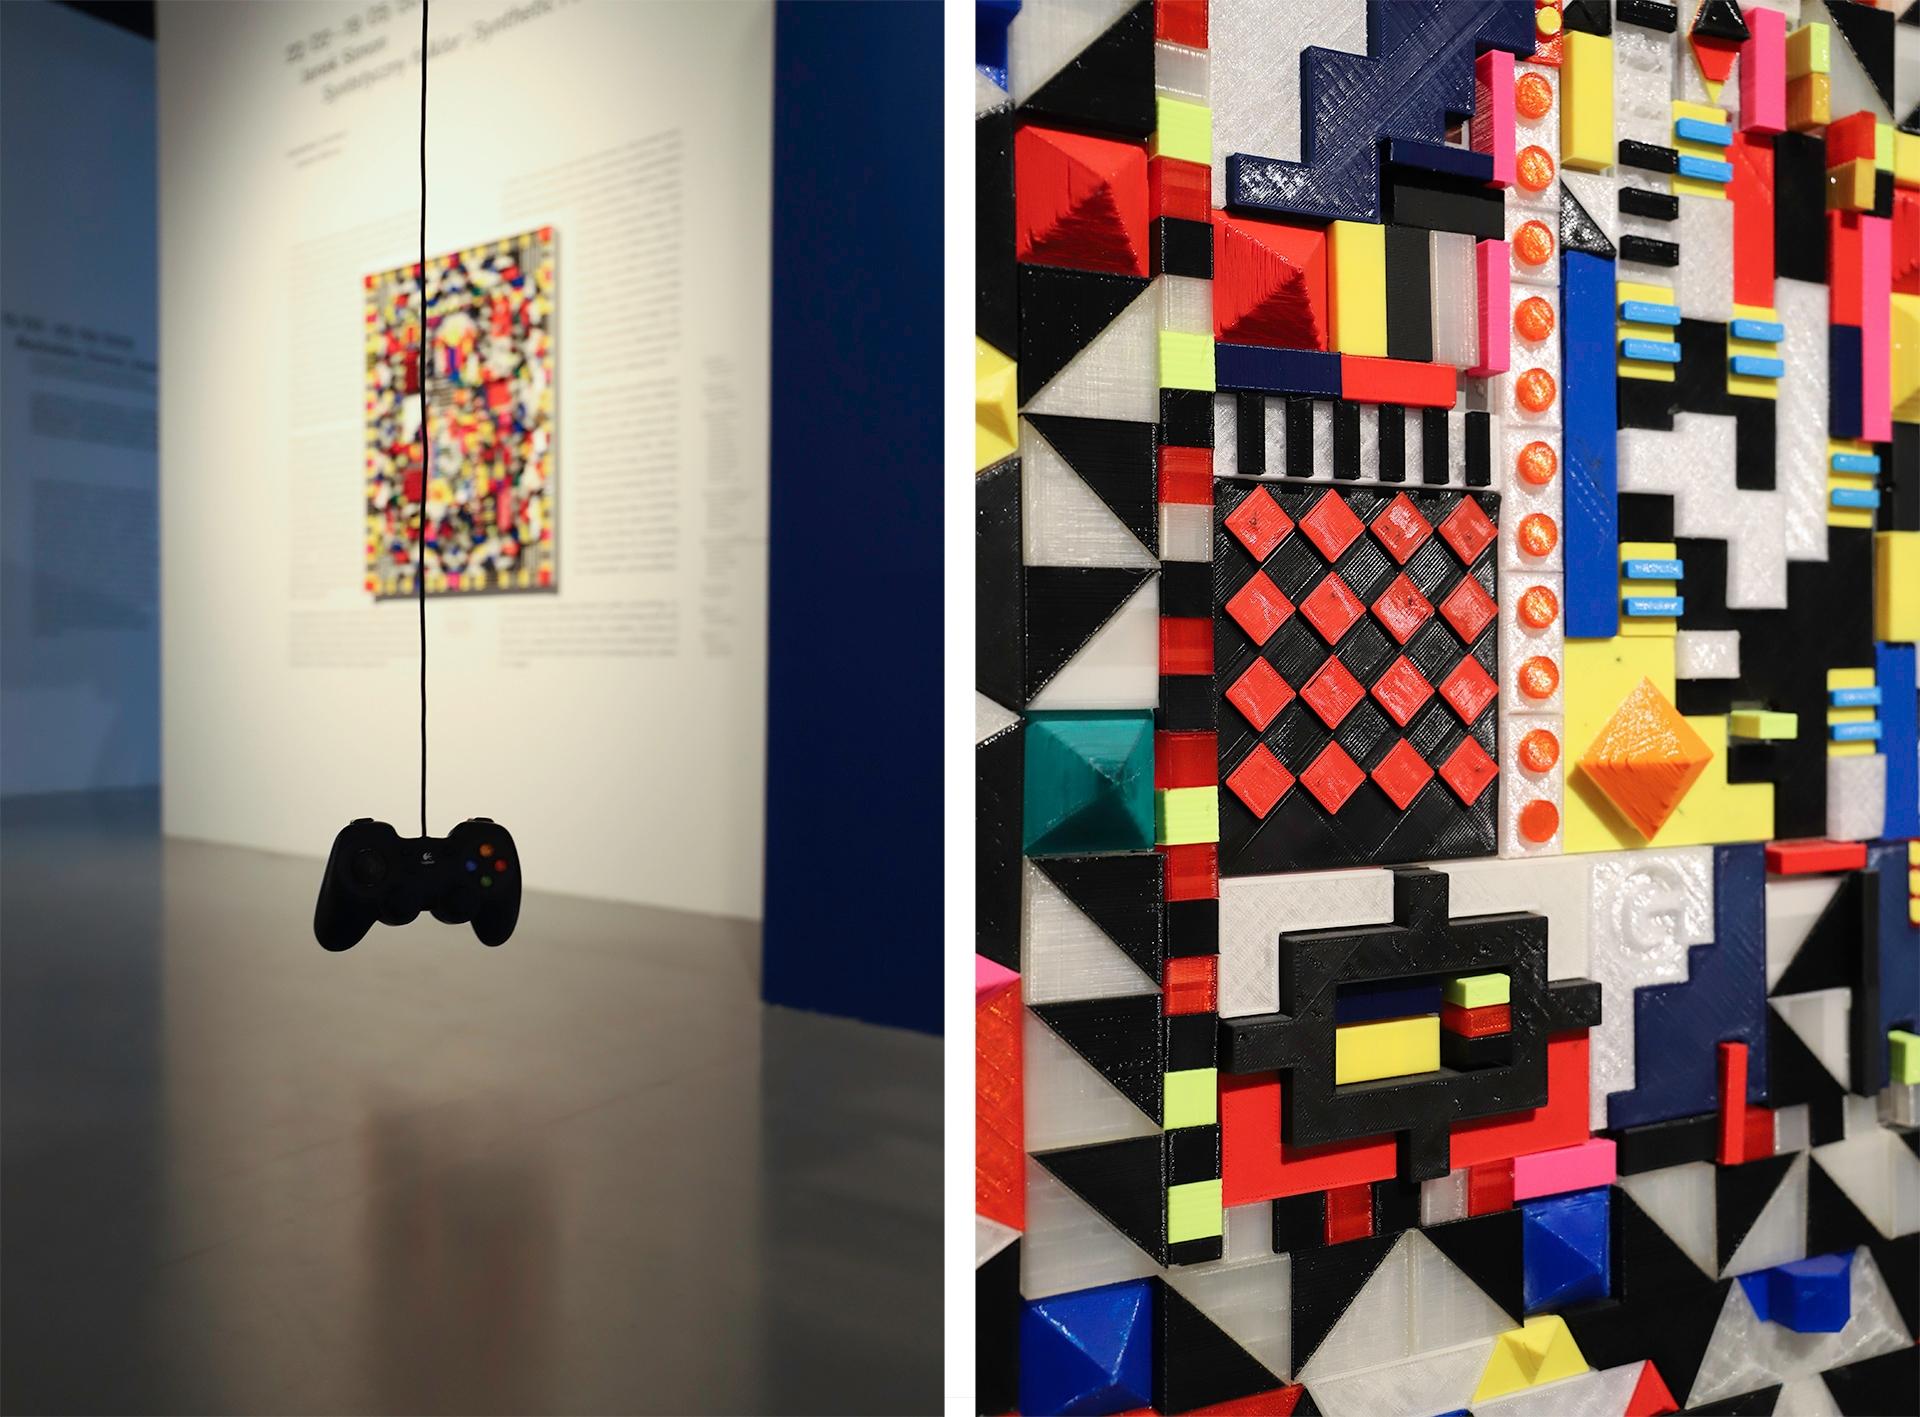 Obraz przedstawia dwa zdjęcia, na których widzimy wnętrze galerii sztuki i obrazy.